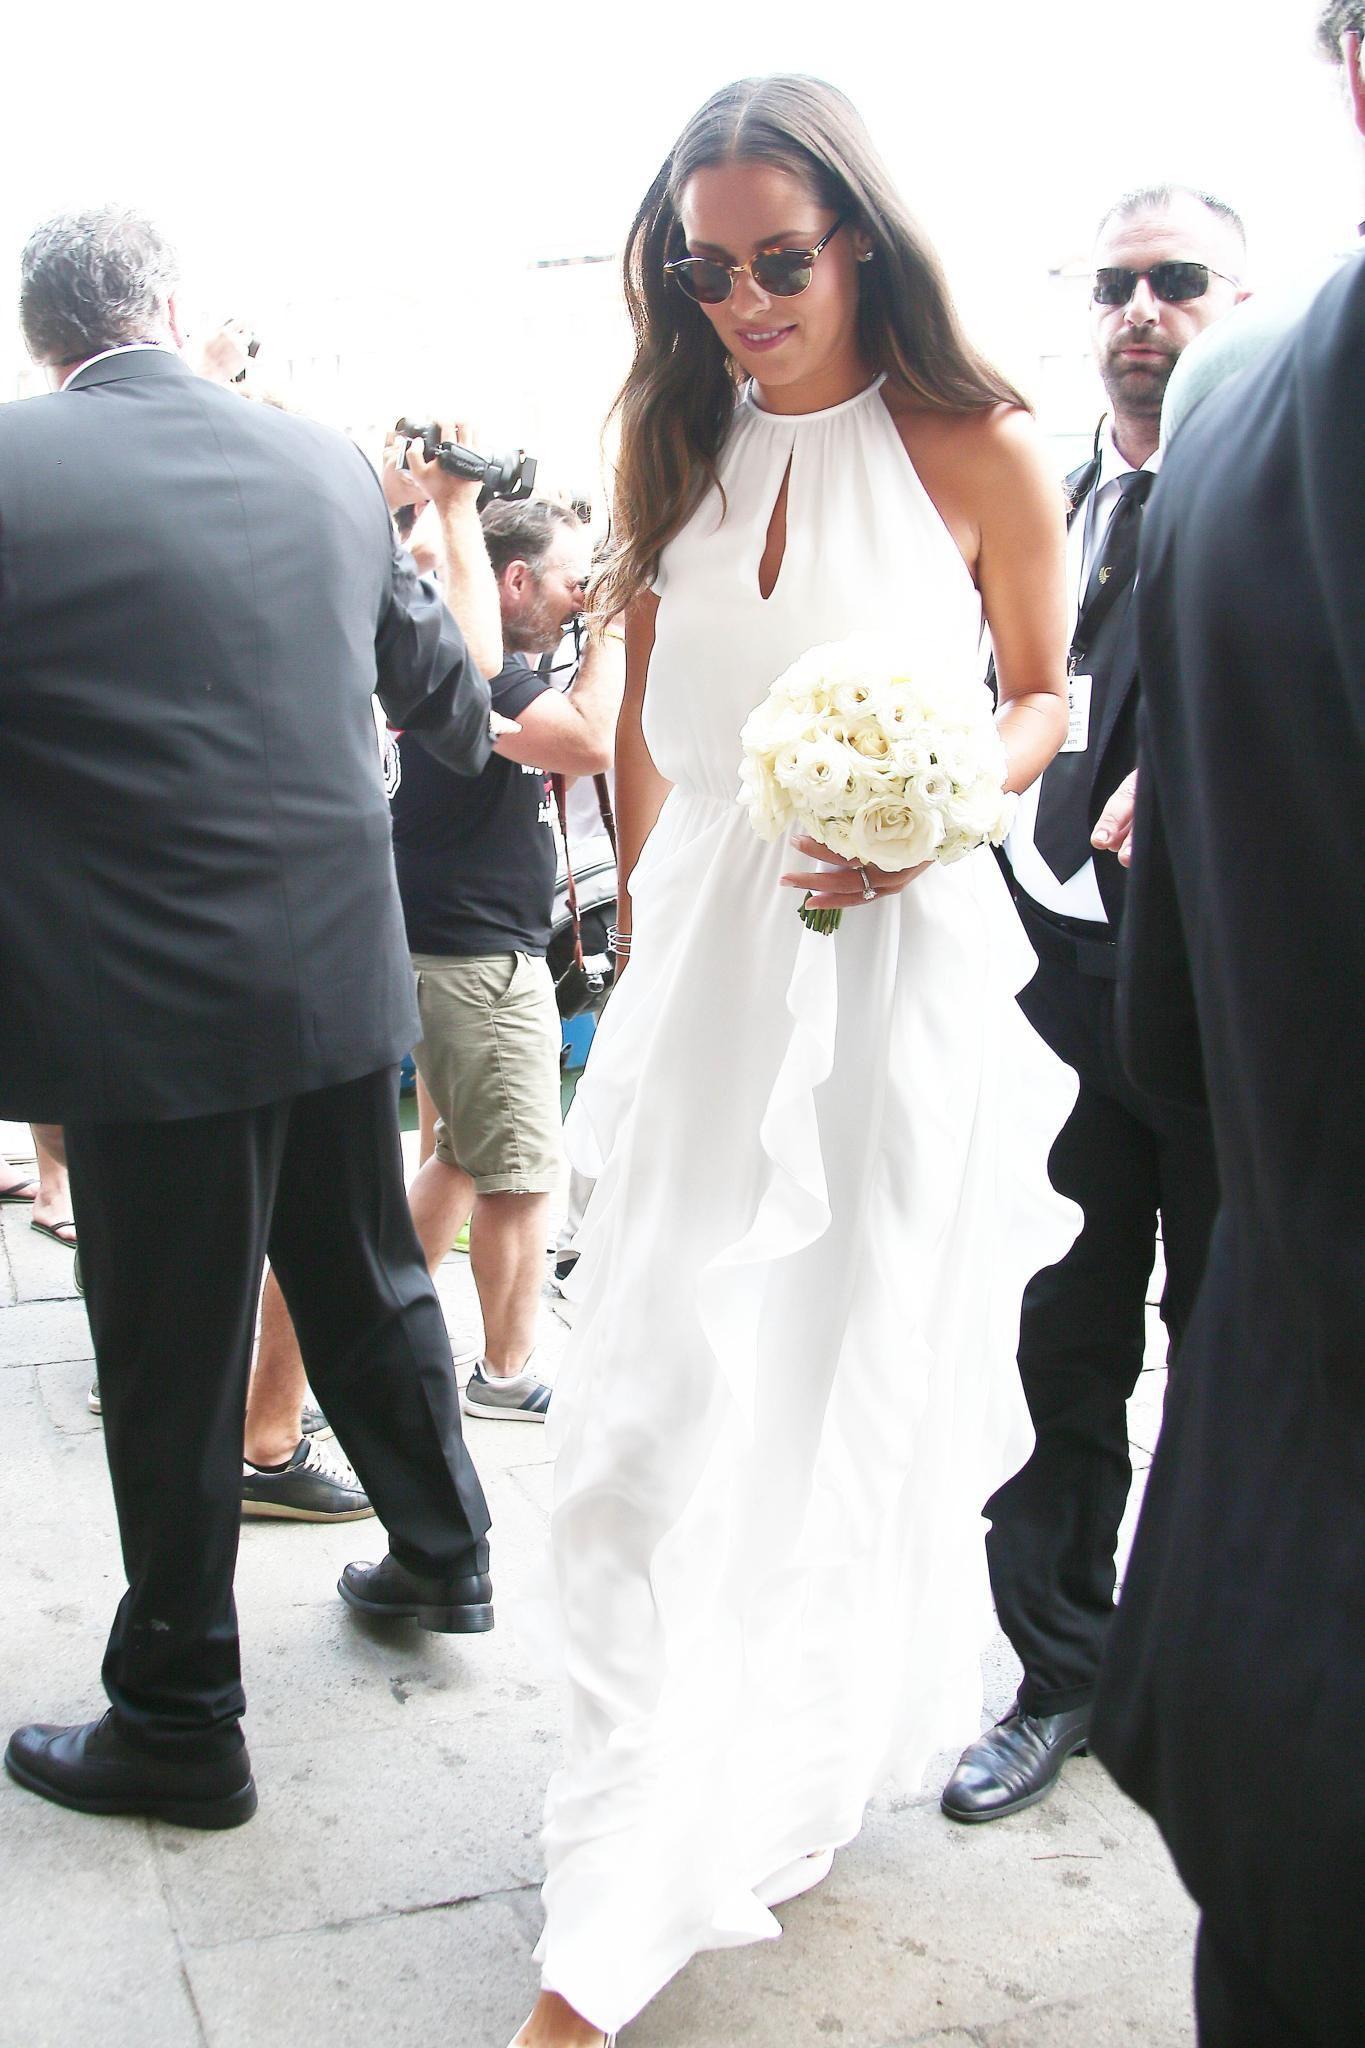 Umwerfend: Tennisstar Ana Ivanovic in einem elganten Brautkleid